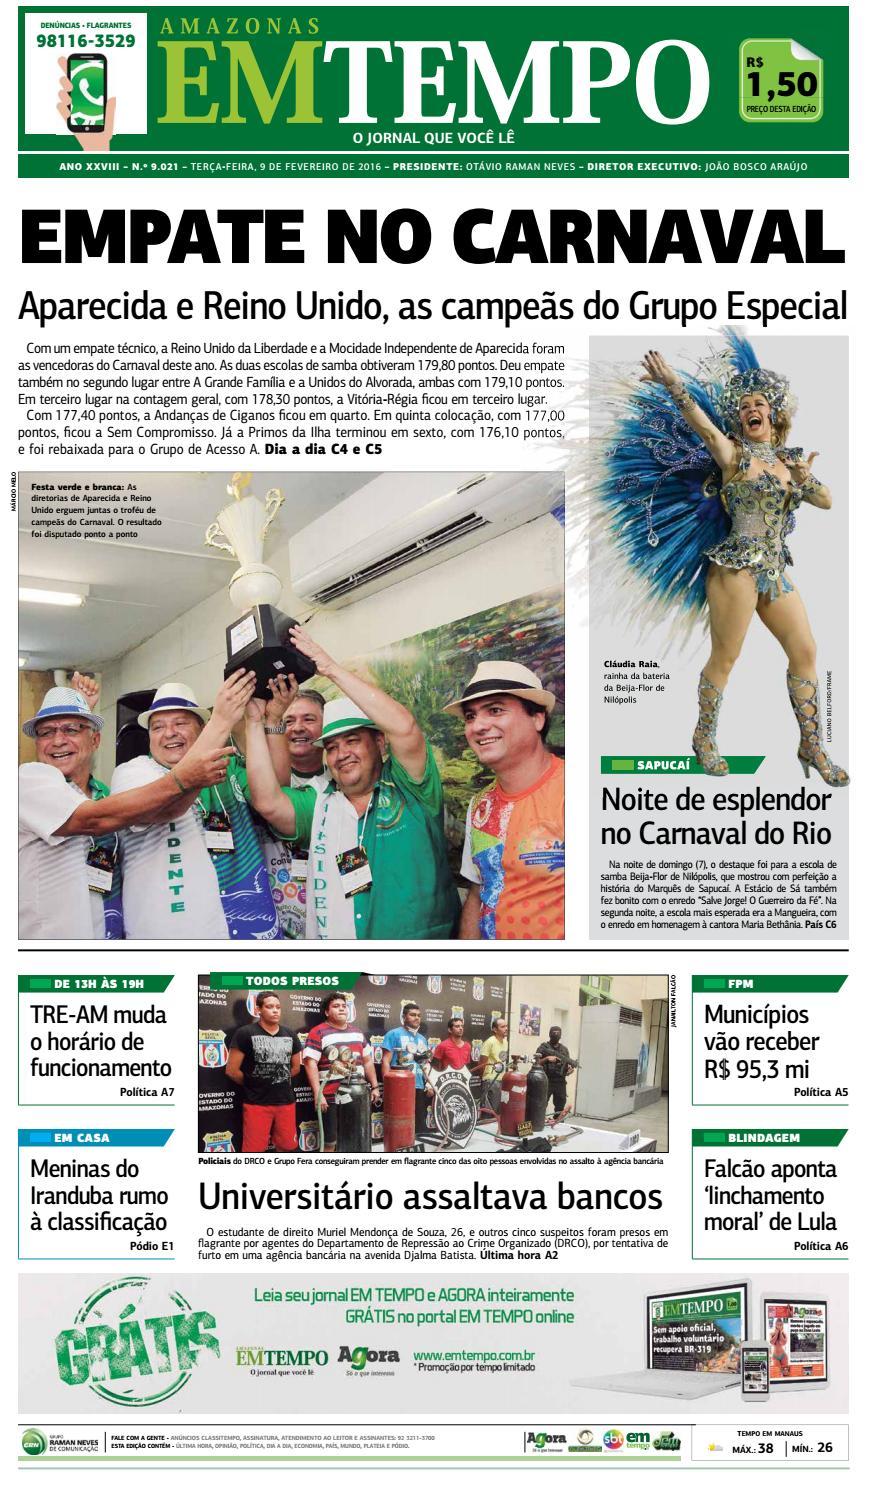 56f70b368 Jornal Amazonas em Tempo Nº 9021 by Portal Academia do Samba - issuu